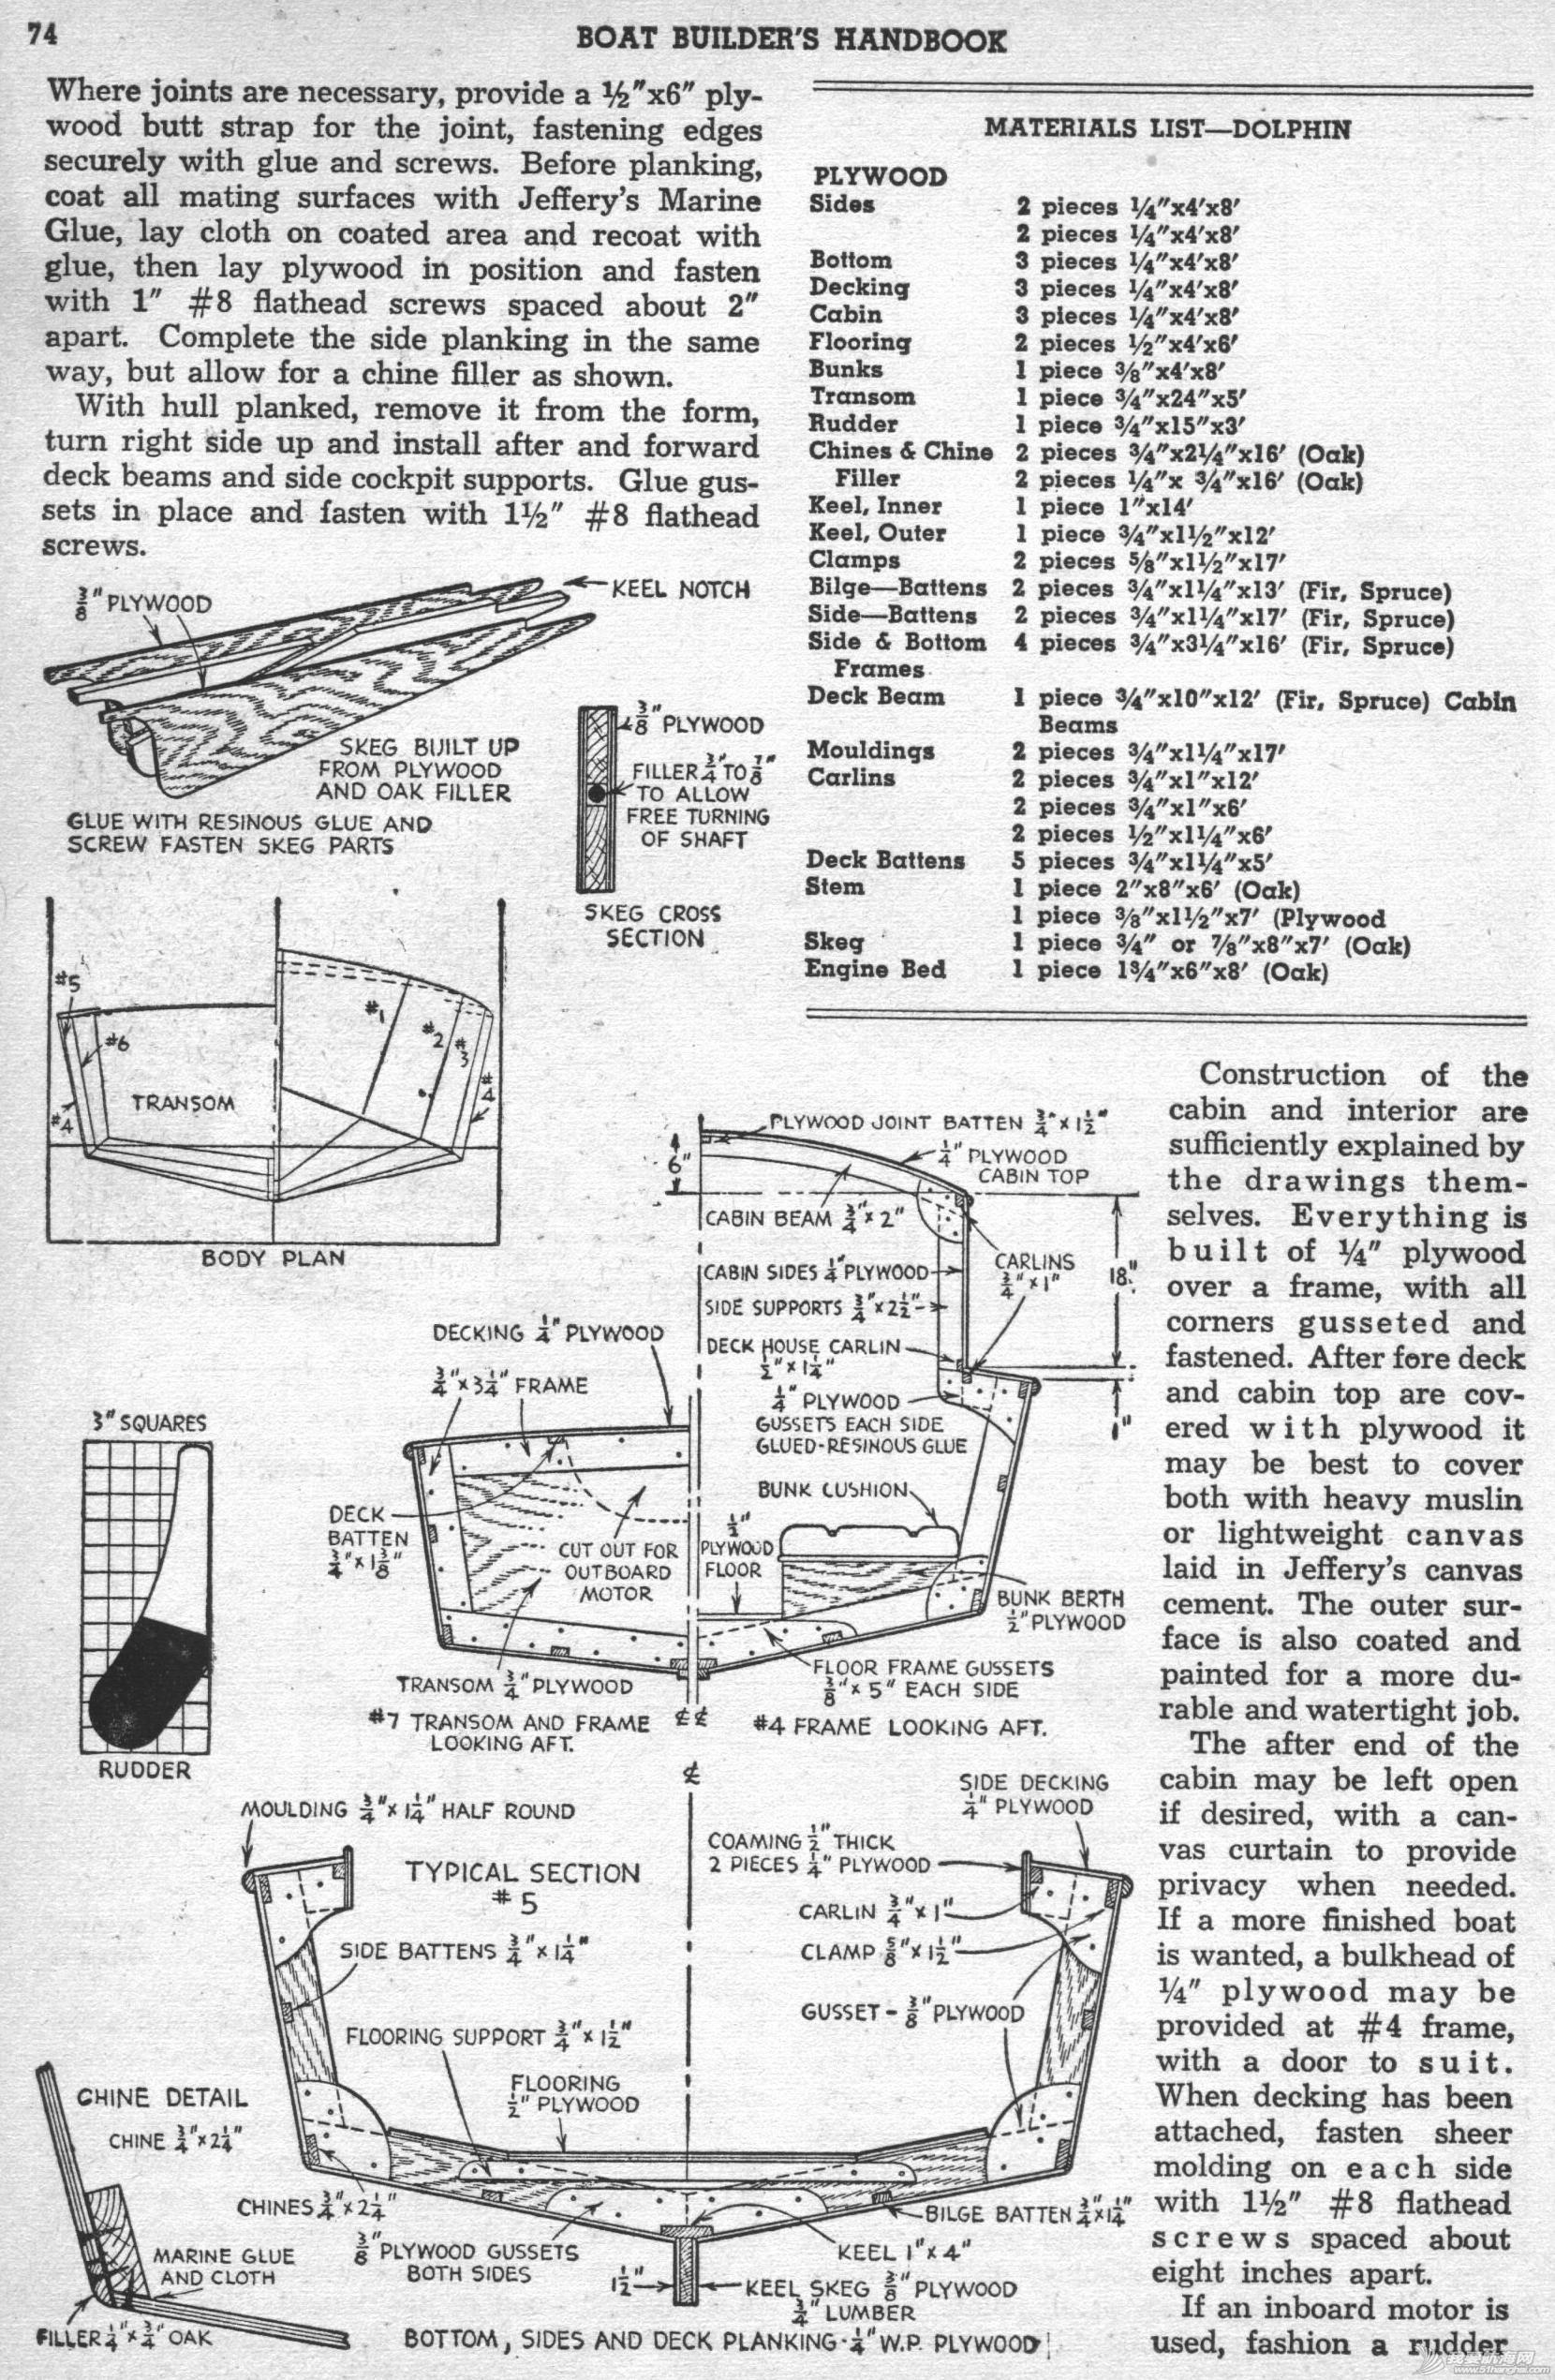 巡逻艇 警察巡逻艇的设计方案 Dolphin3.jpg